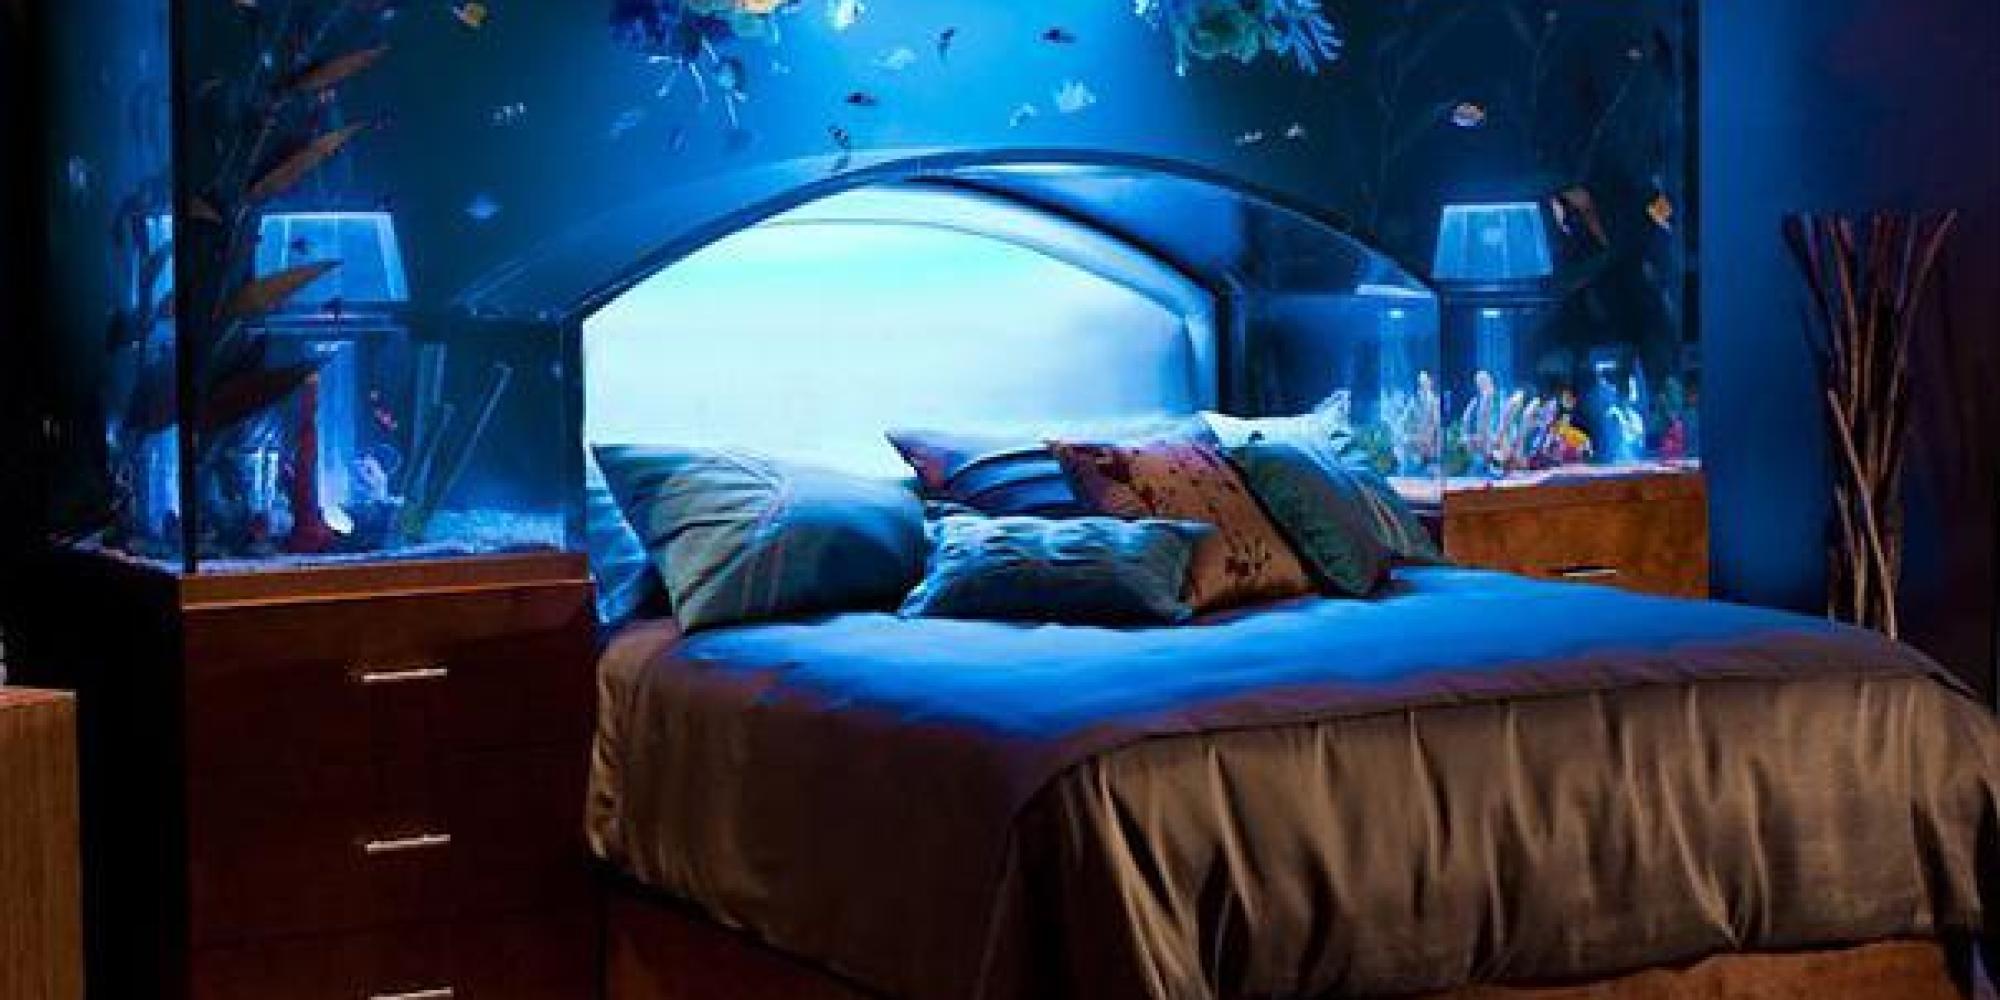 20 idee pazze per arredare la propria casa dal letto acquario alla porta tavolo da ping pong foto - Acquario per casa ...